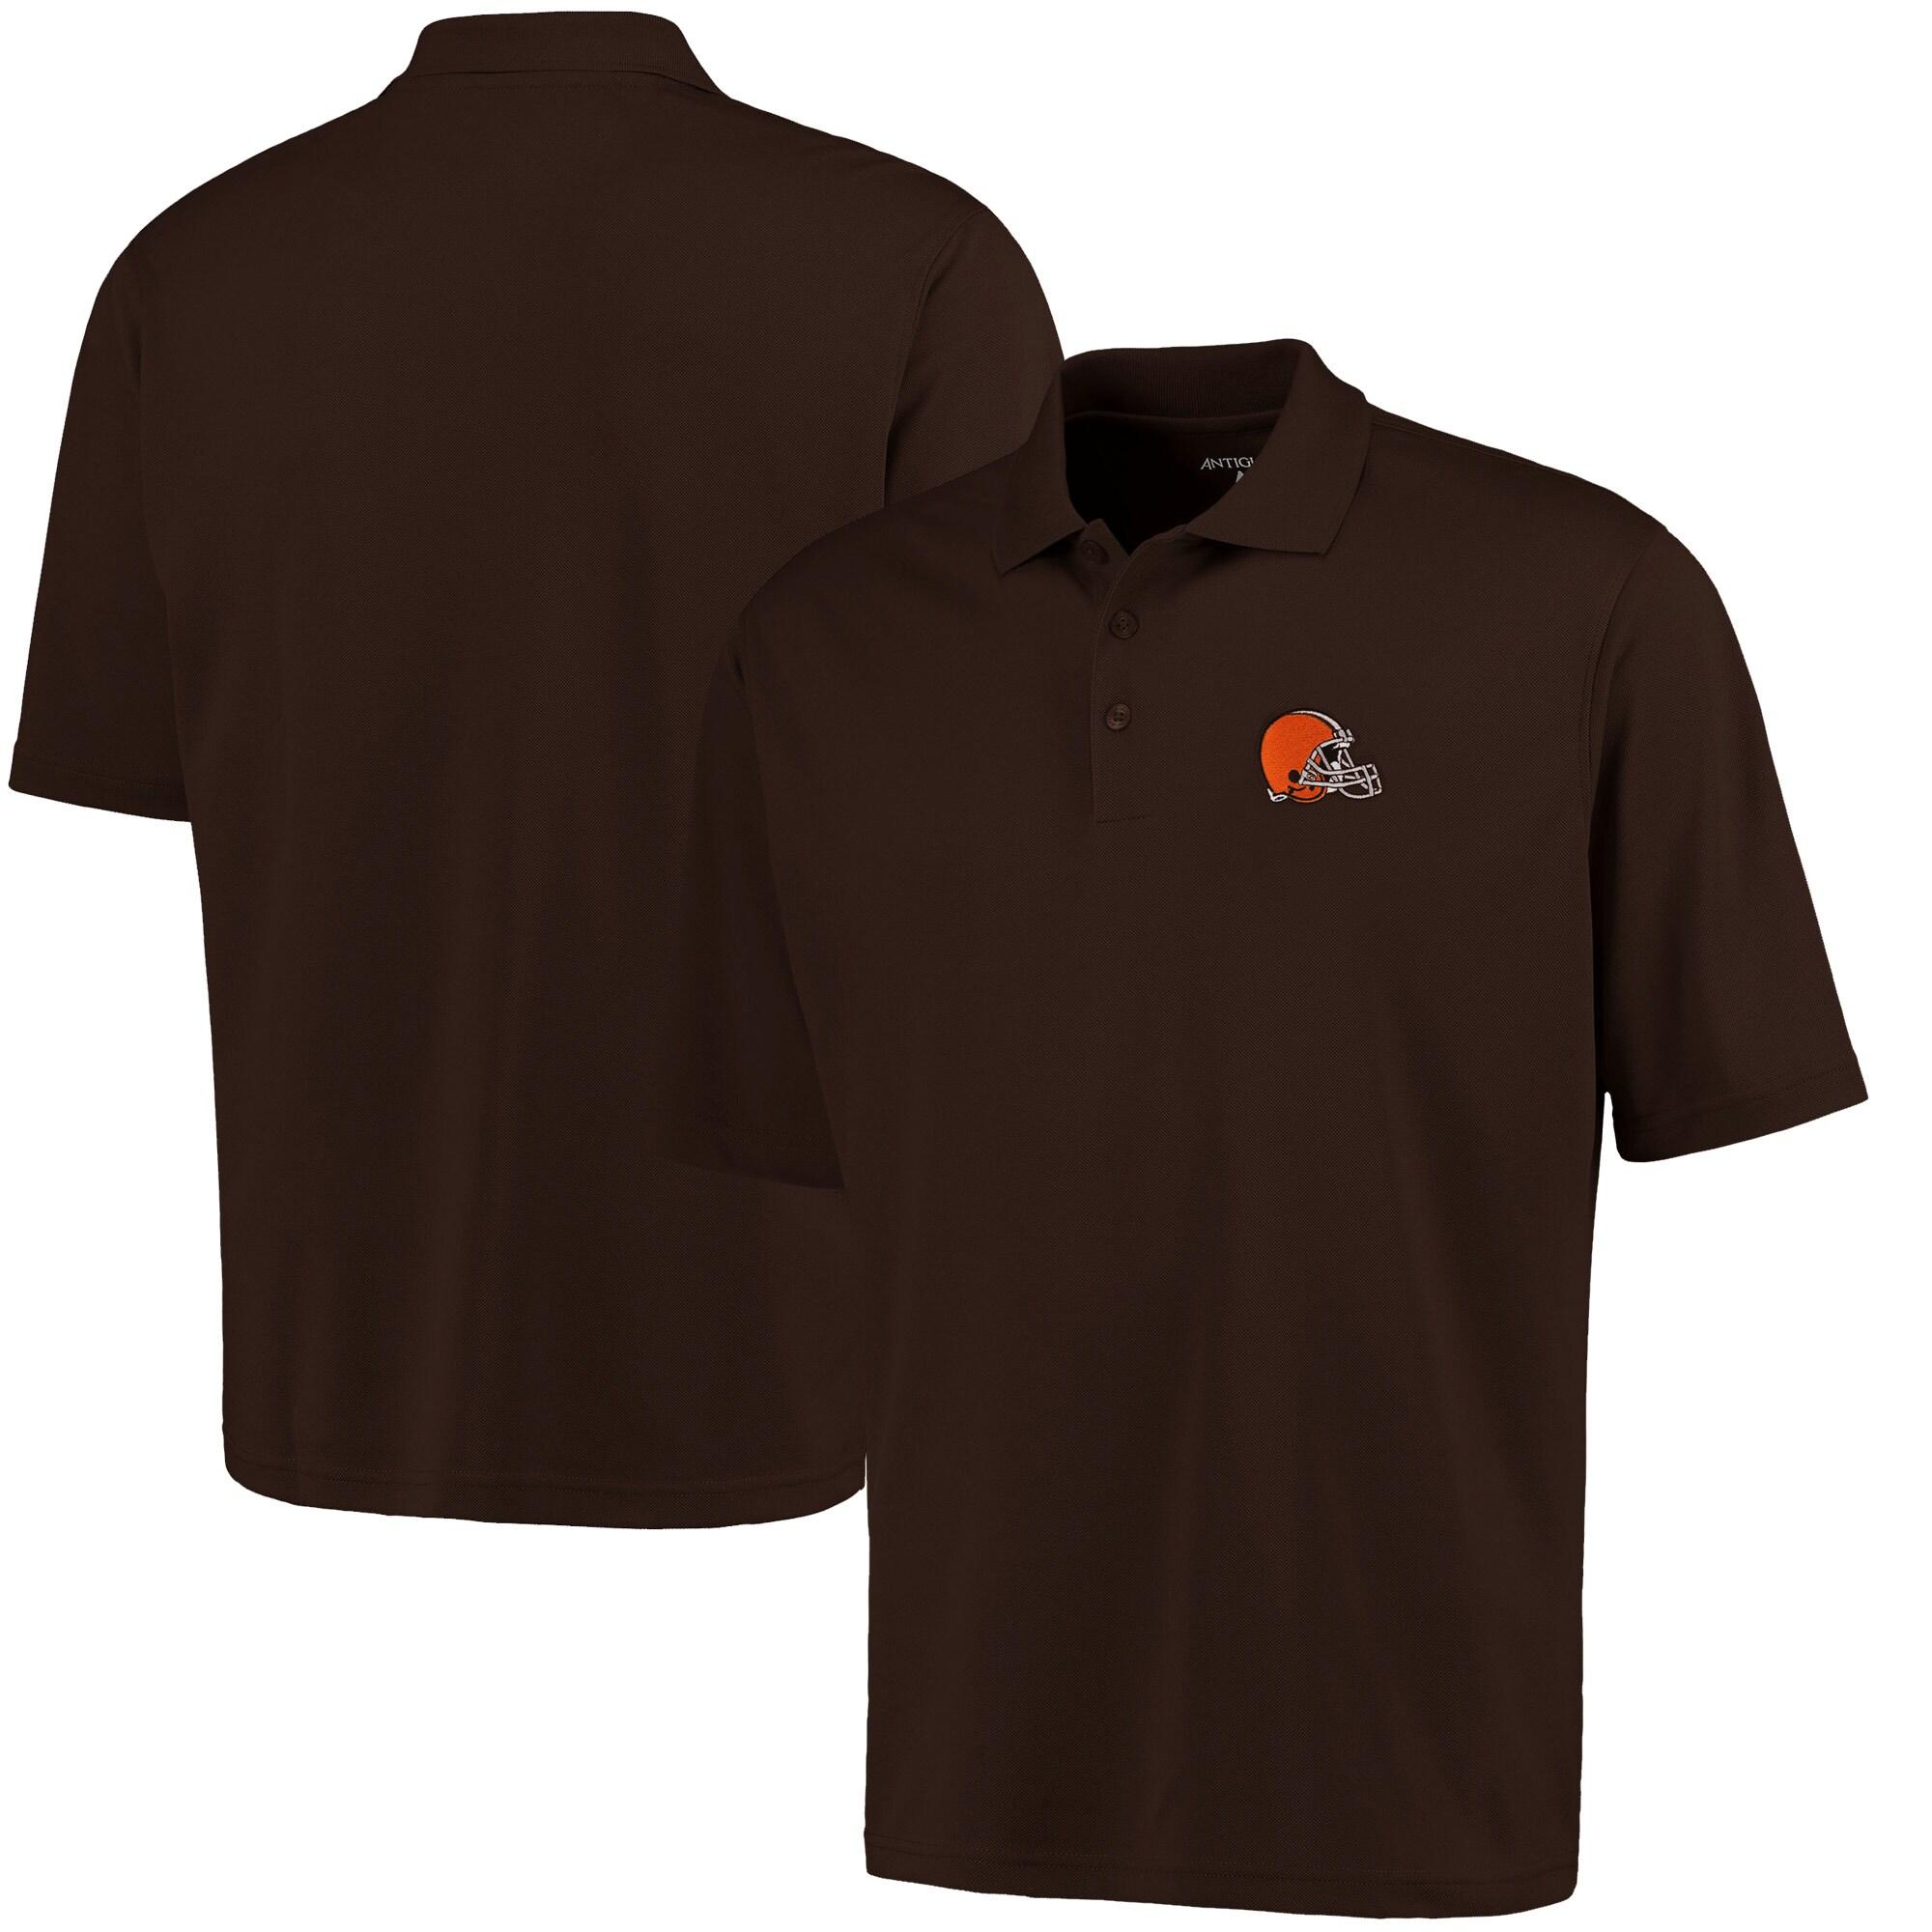 Cleveland Browns Antigua Pique Xtra-Lite Polo - Brown